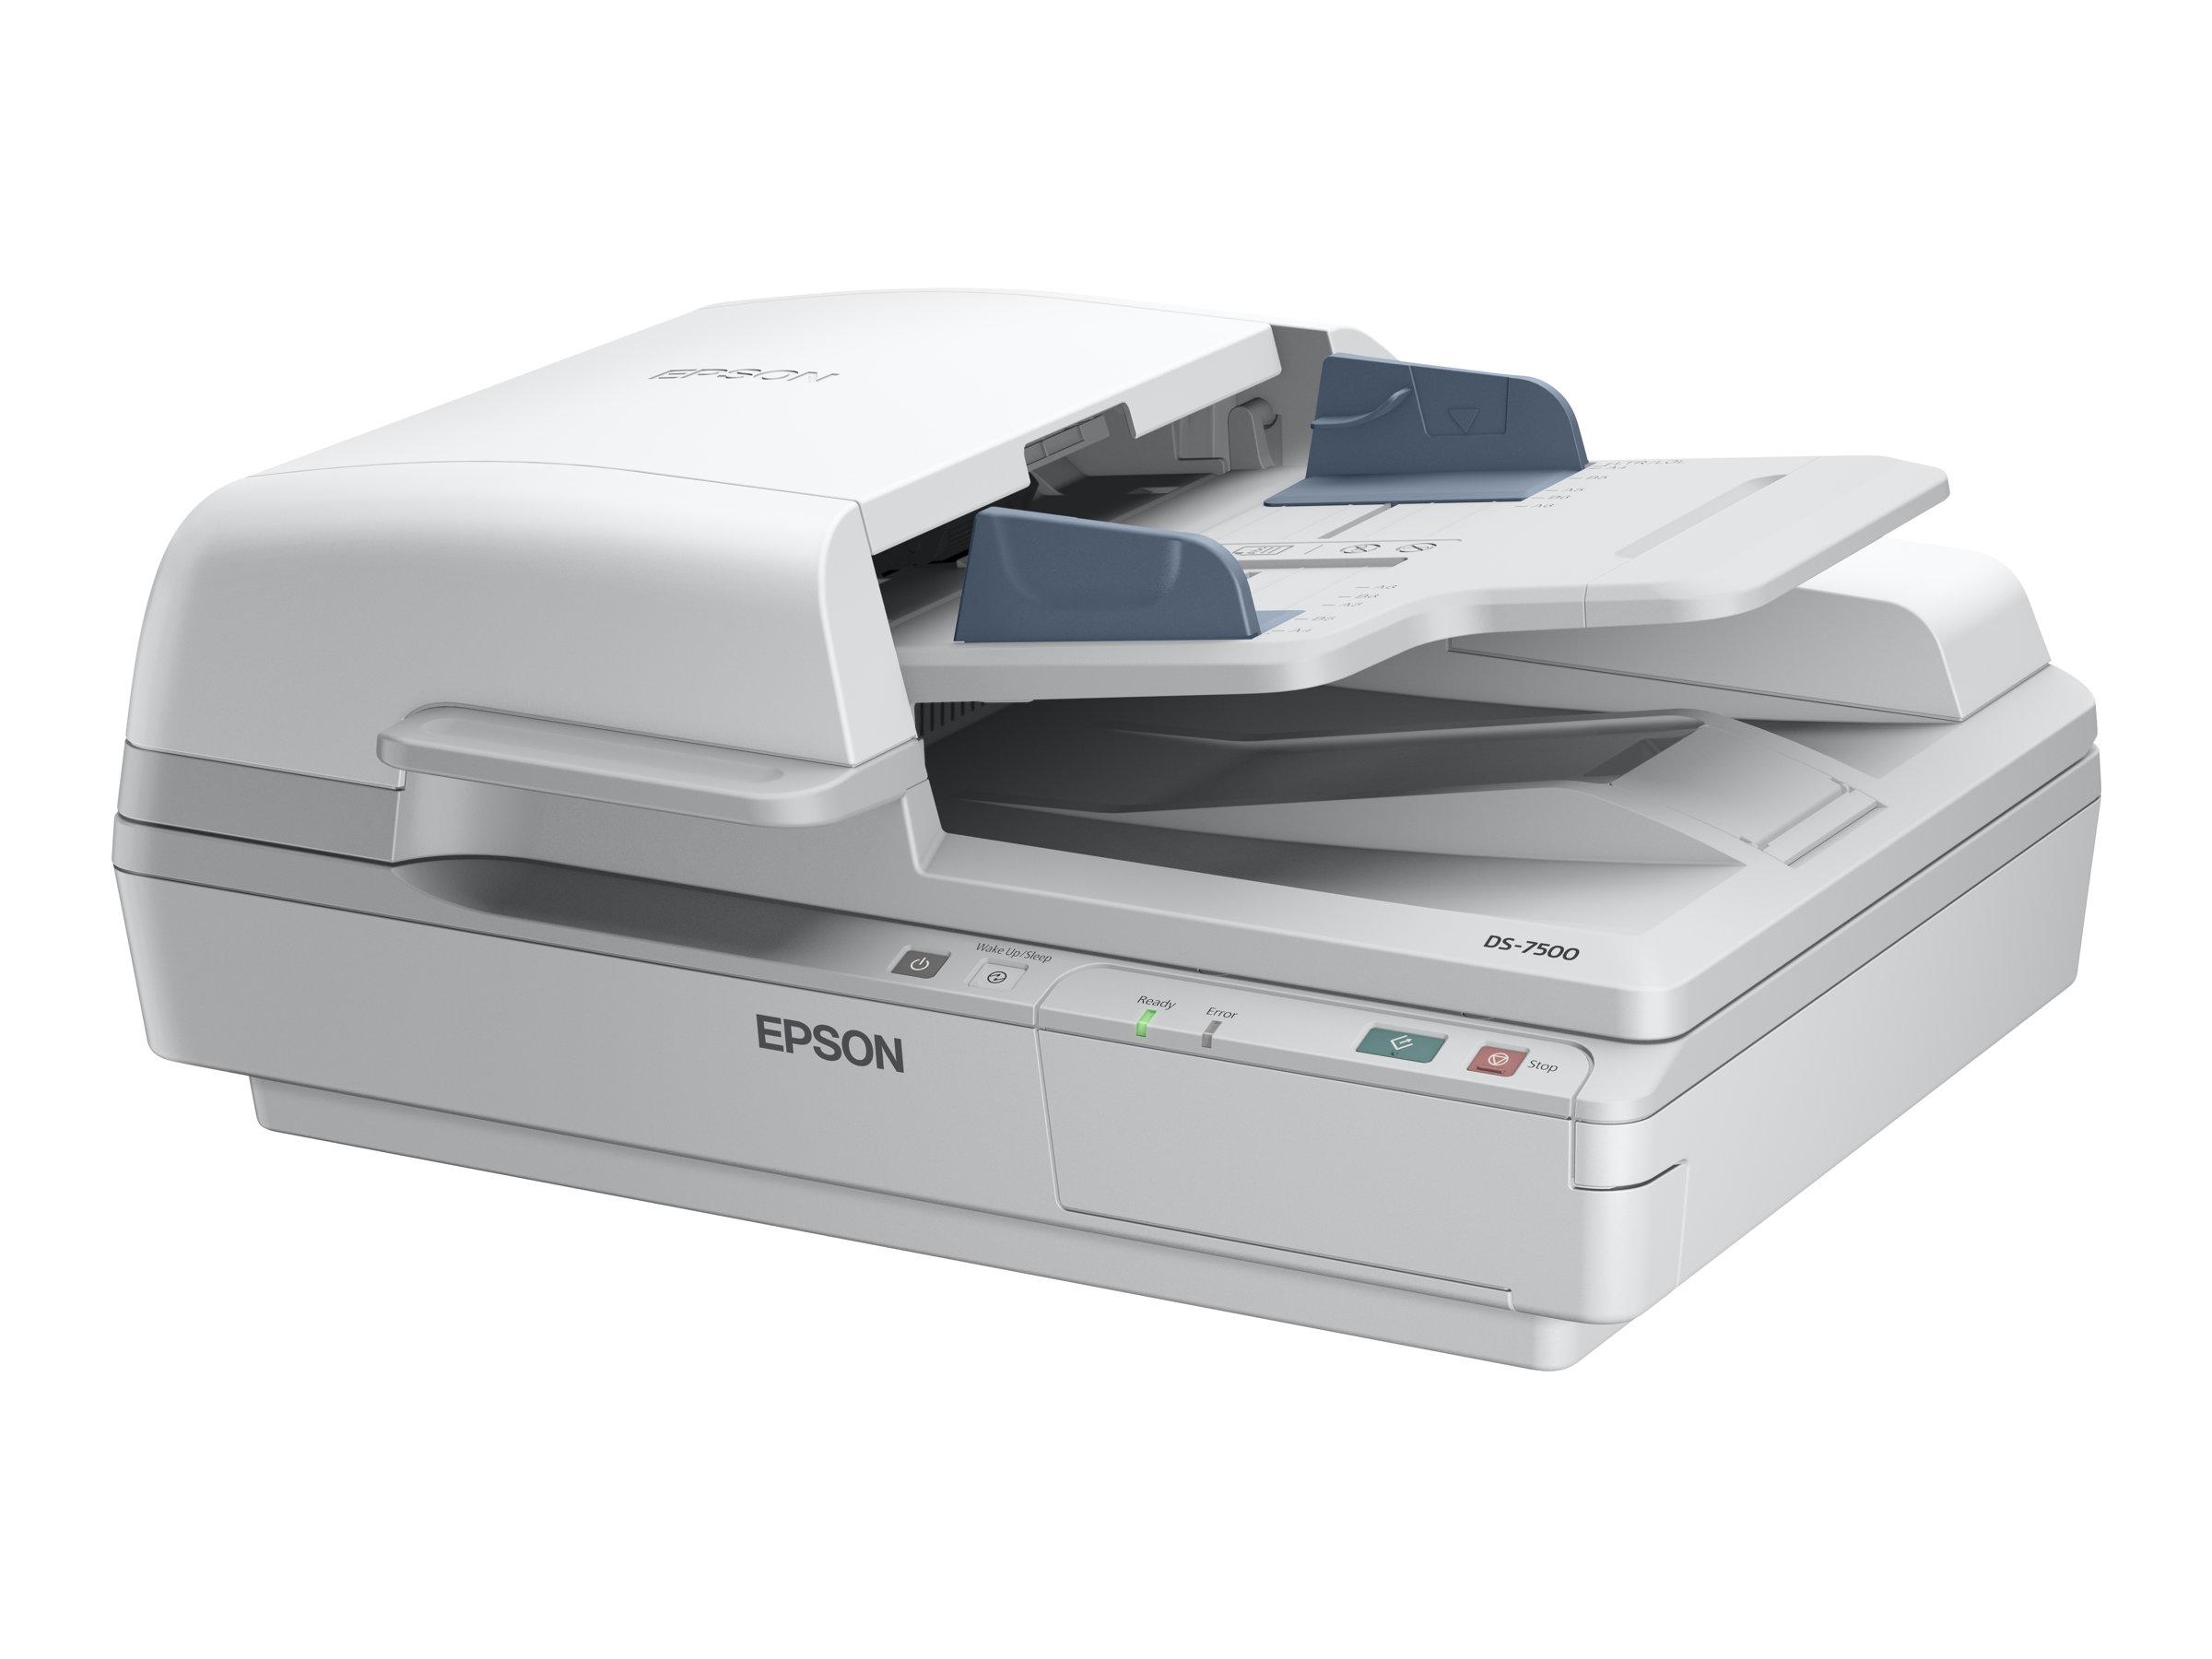 Epson WorkForce DS-6500 - document scanner - USB 2.0